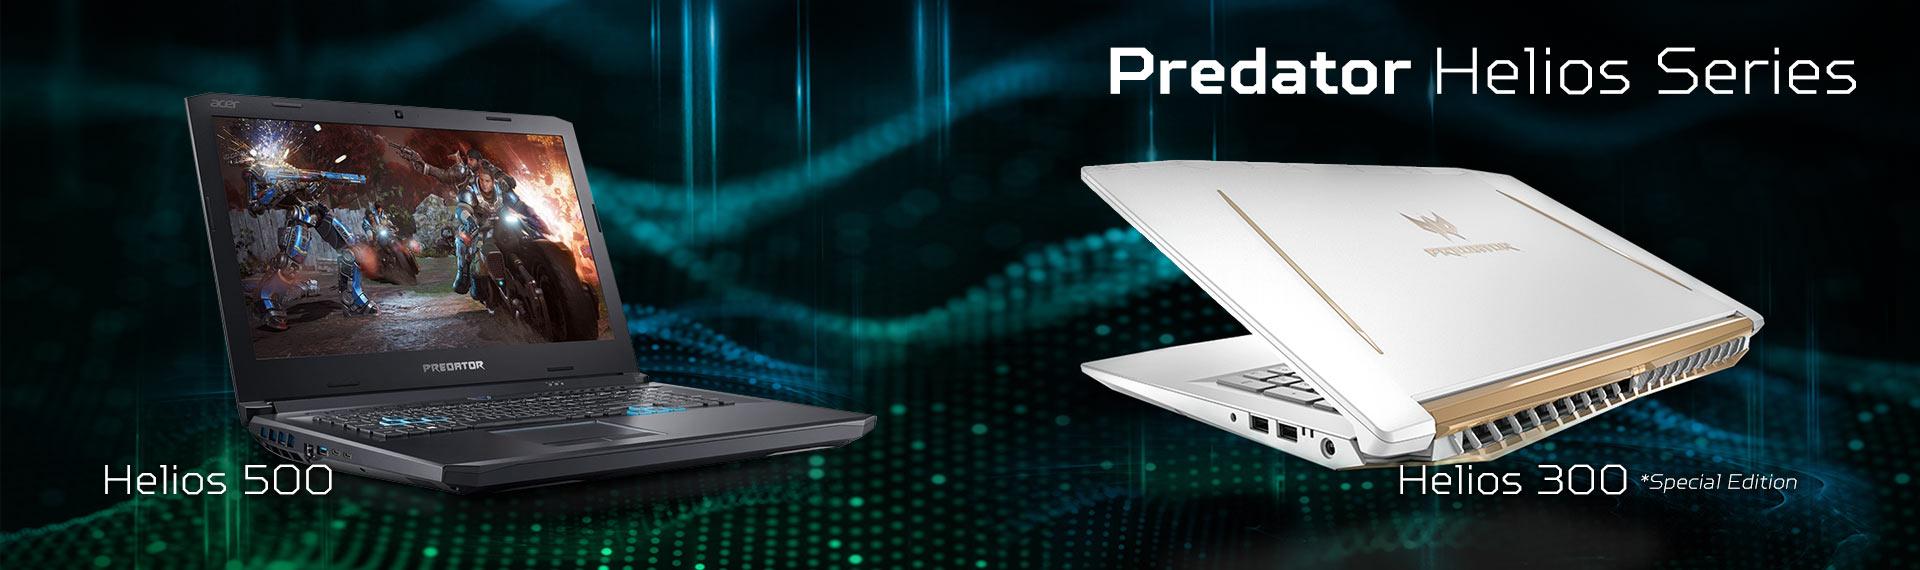 Peluncuran Predator Helios 500 & Predator Helios 300 Special Edition!